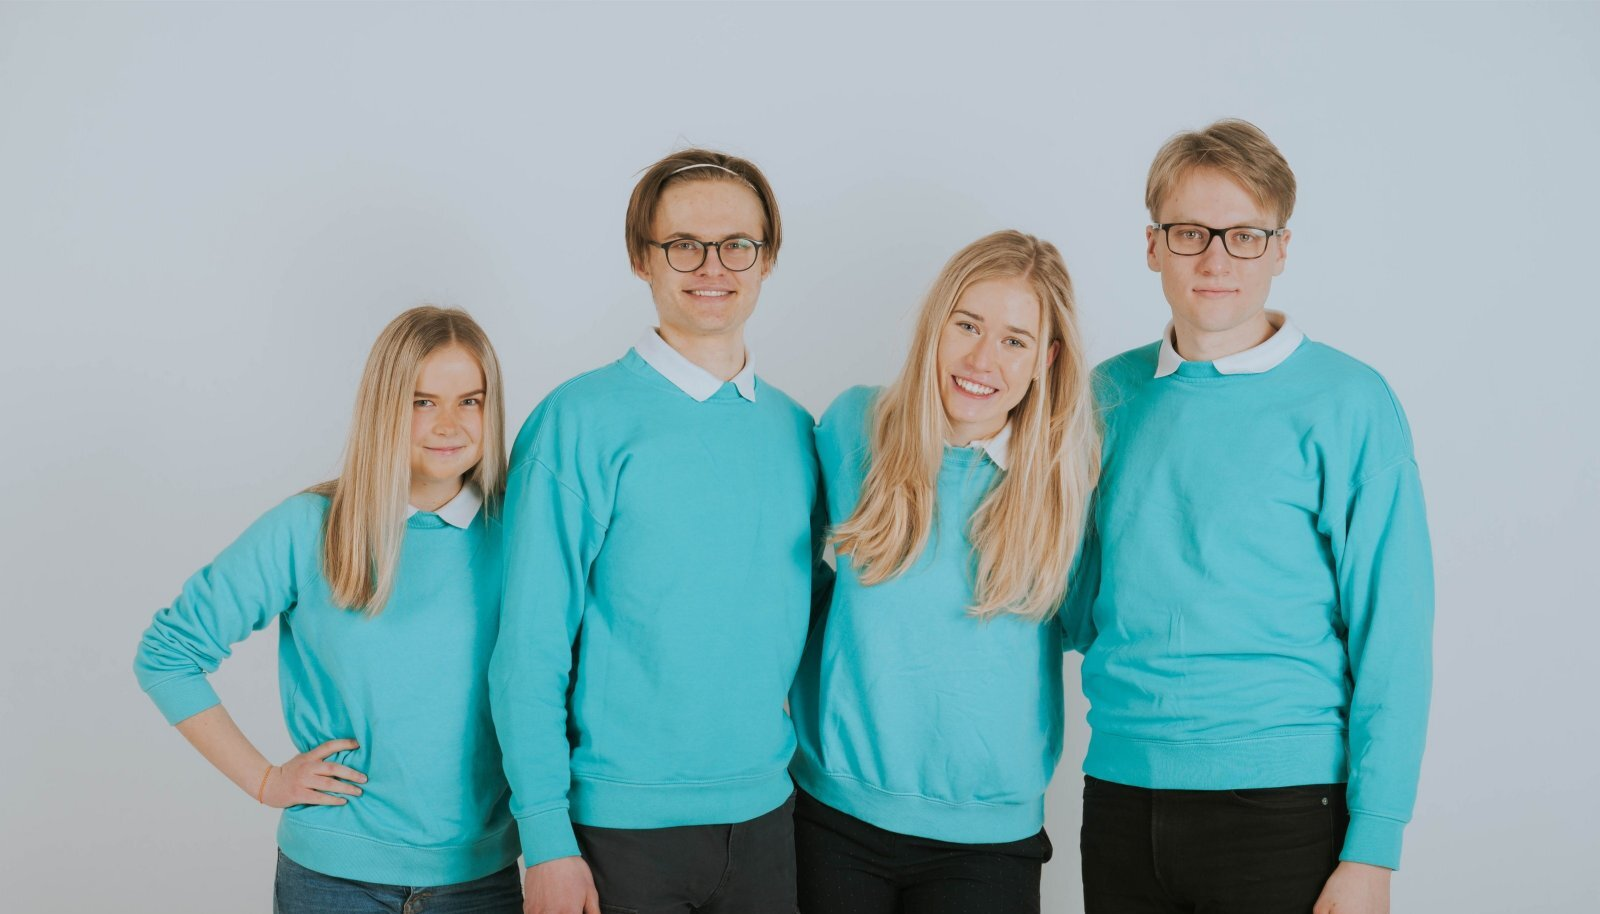 MÜNT: Märten Kala (19), Marilin Berg (19), Eva Maria Ilves (18) ja Aksel Joonas Reedi (19) päästavad maailma, ühe hambapasta tuubi kaupa.